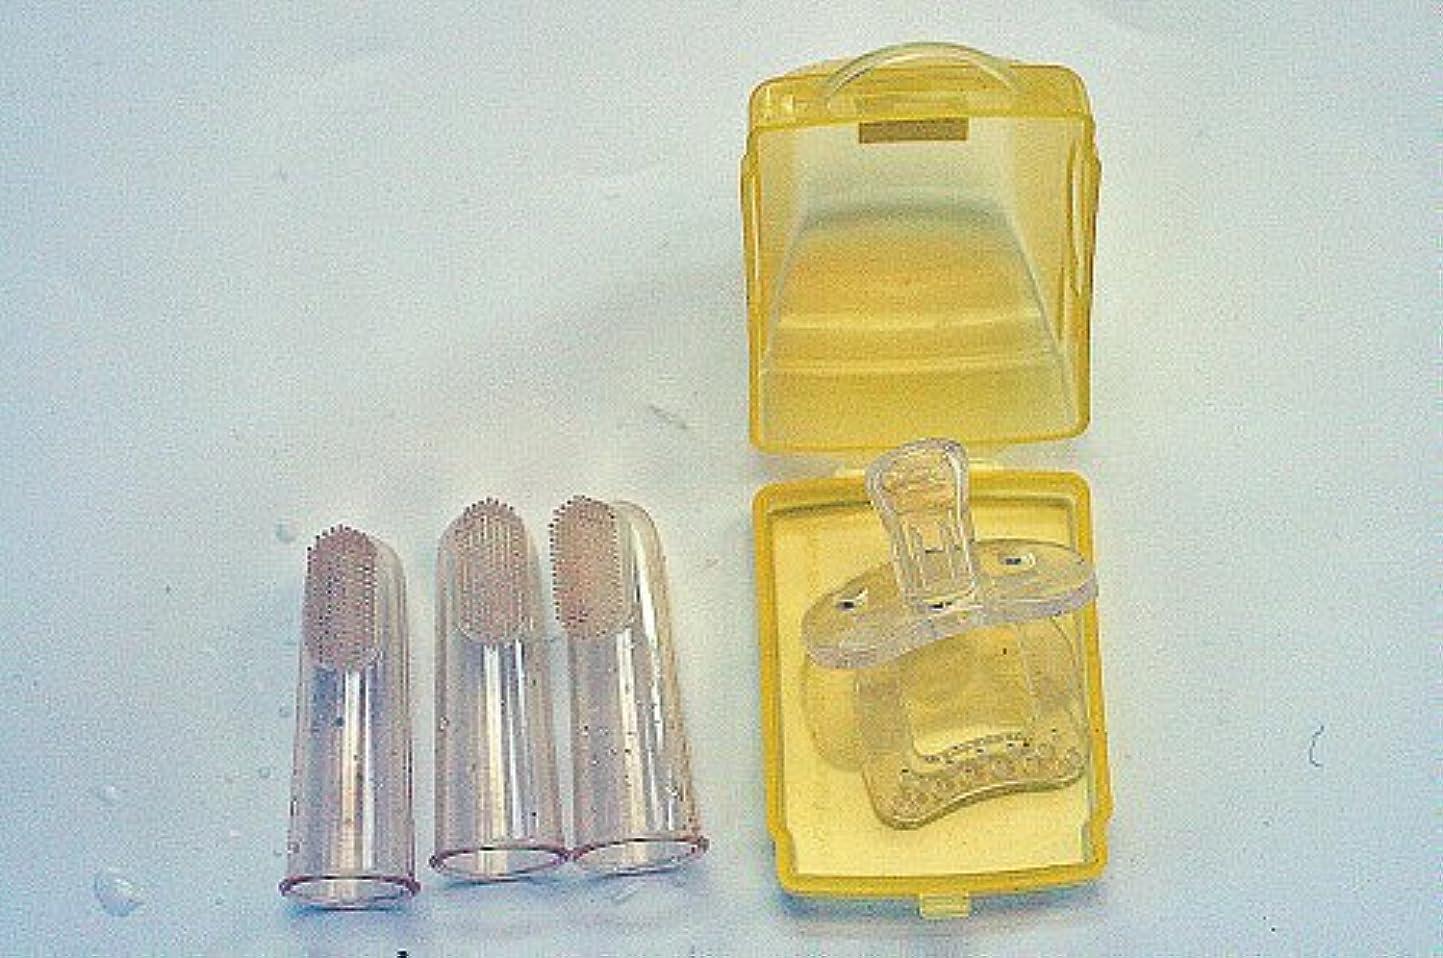 発症とても盗賊歯ブラシ おしゃぶり ベビーソフト歯ブラシ3個セット/ シリコンおしゃぶりカーケース入り オーラルケアギフトセット 2種類組み